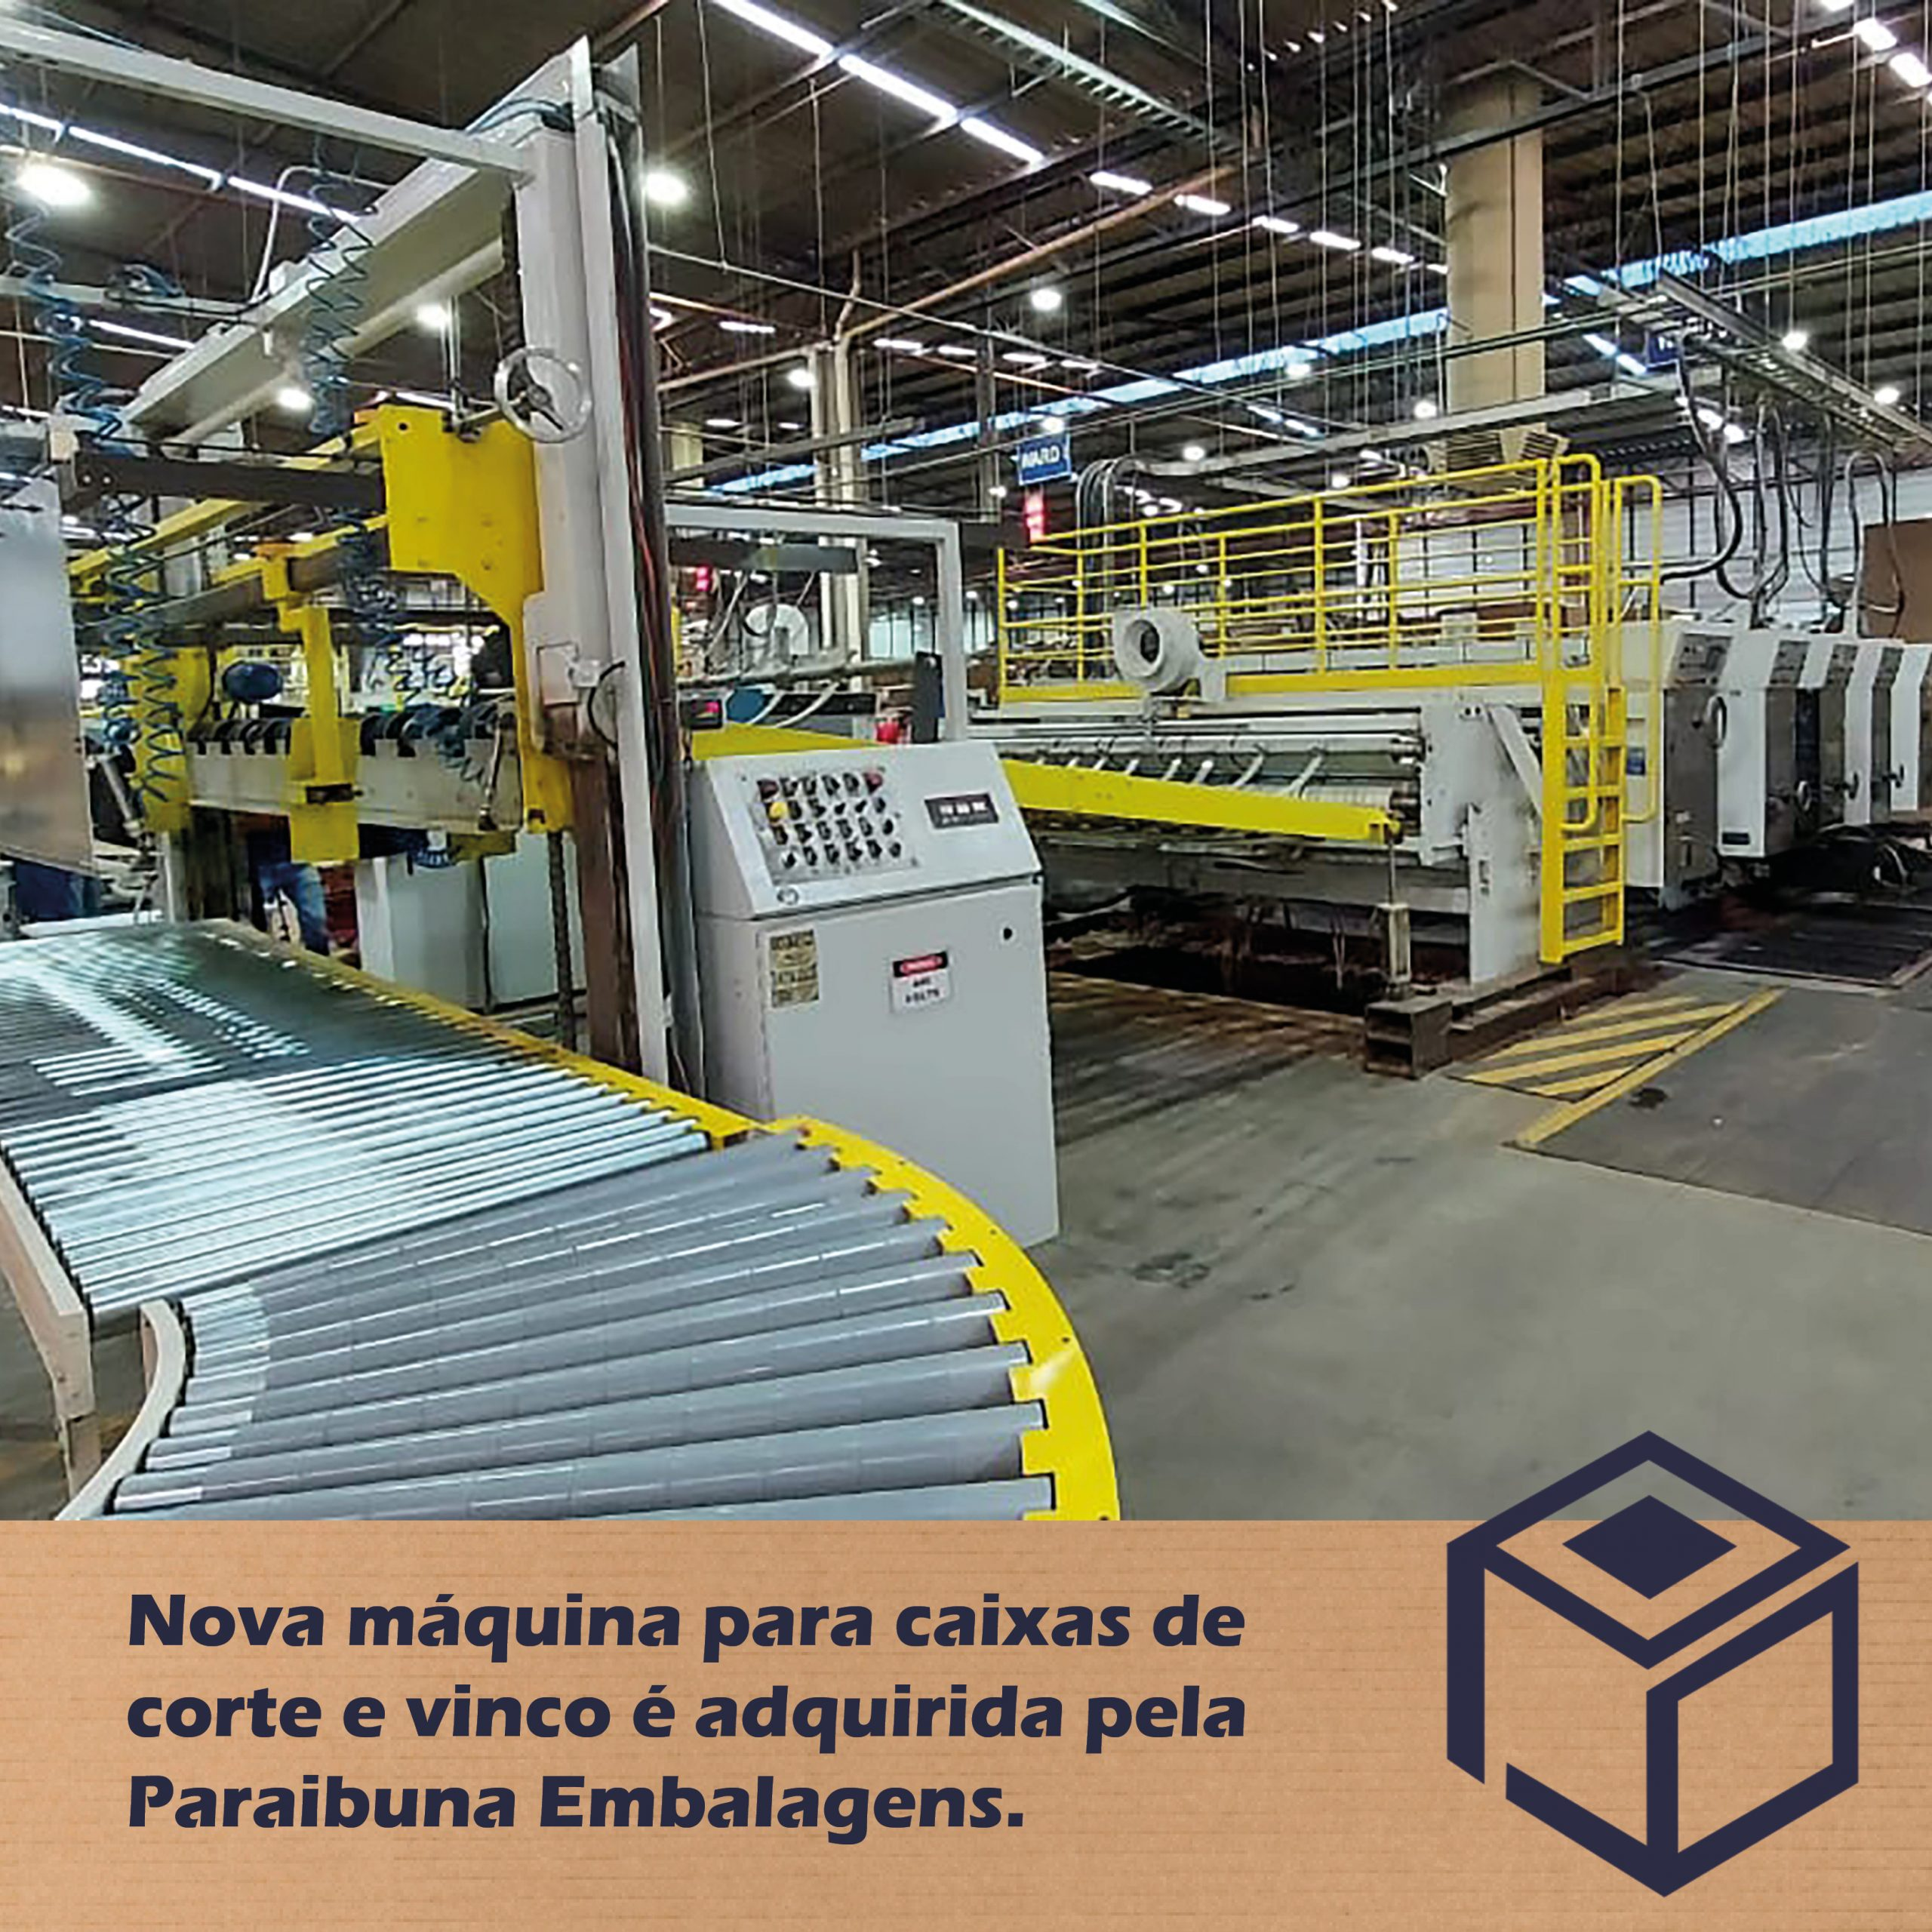 Nova máquina para caixas corte e vinco é adquirida pela Paraibuna Embalagens.